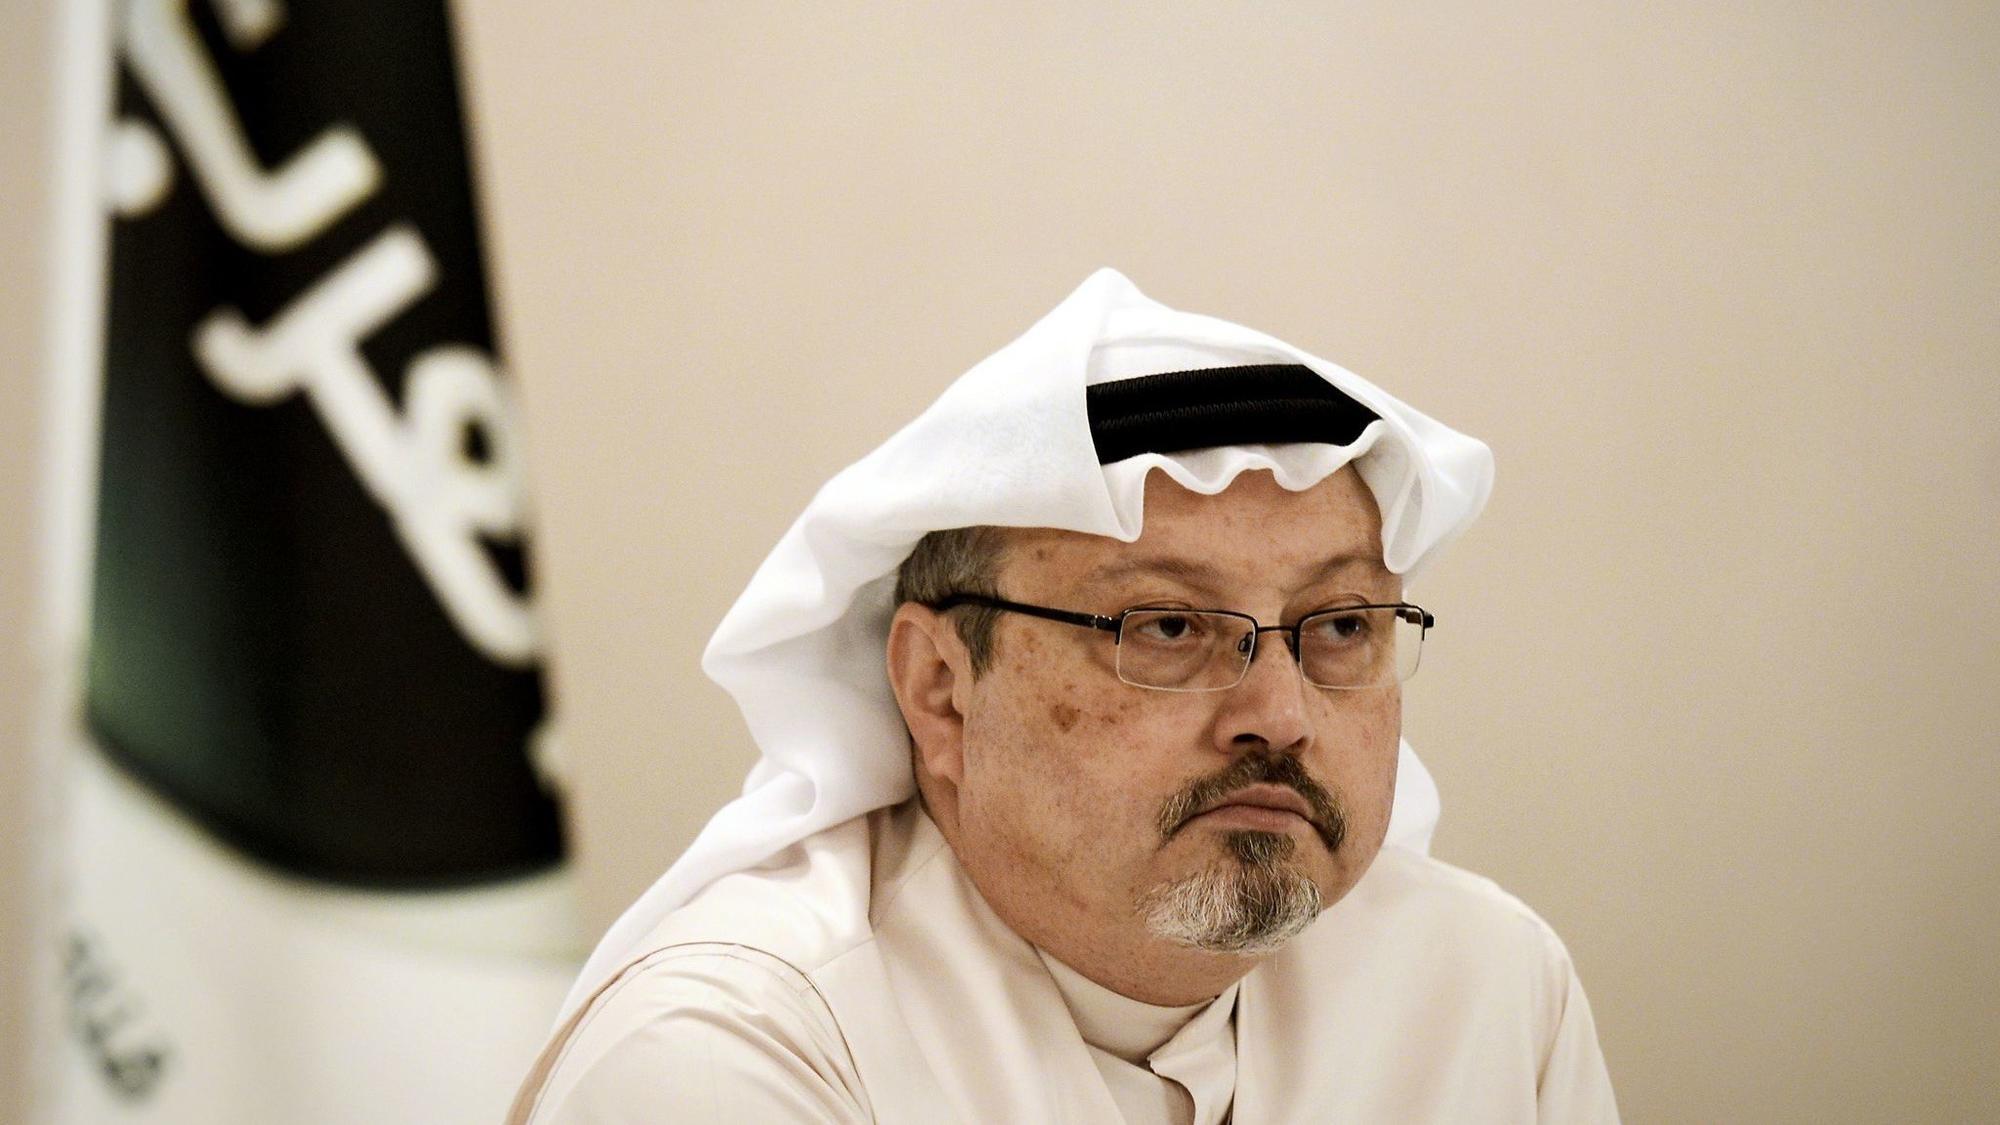 Senate Condemns Saudi Crown For Khashoggi Killing Votes